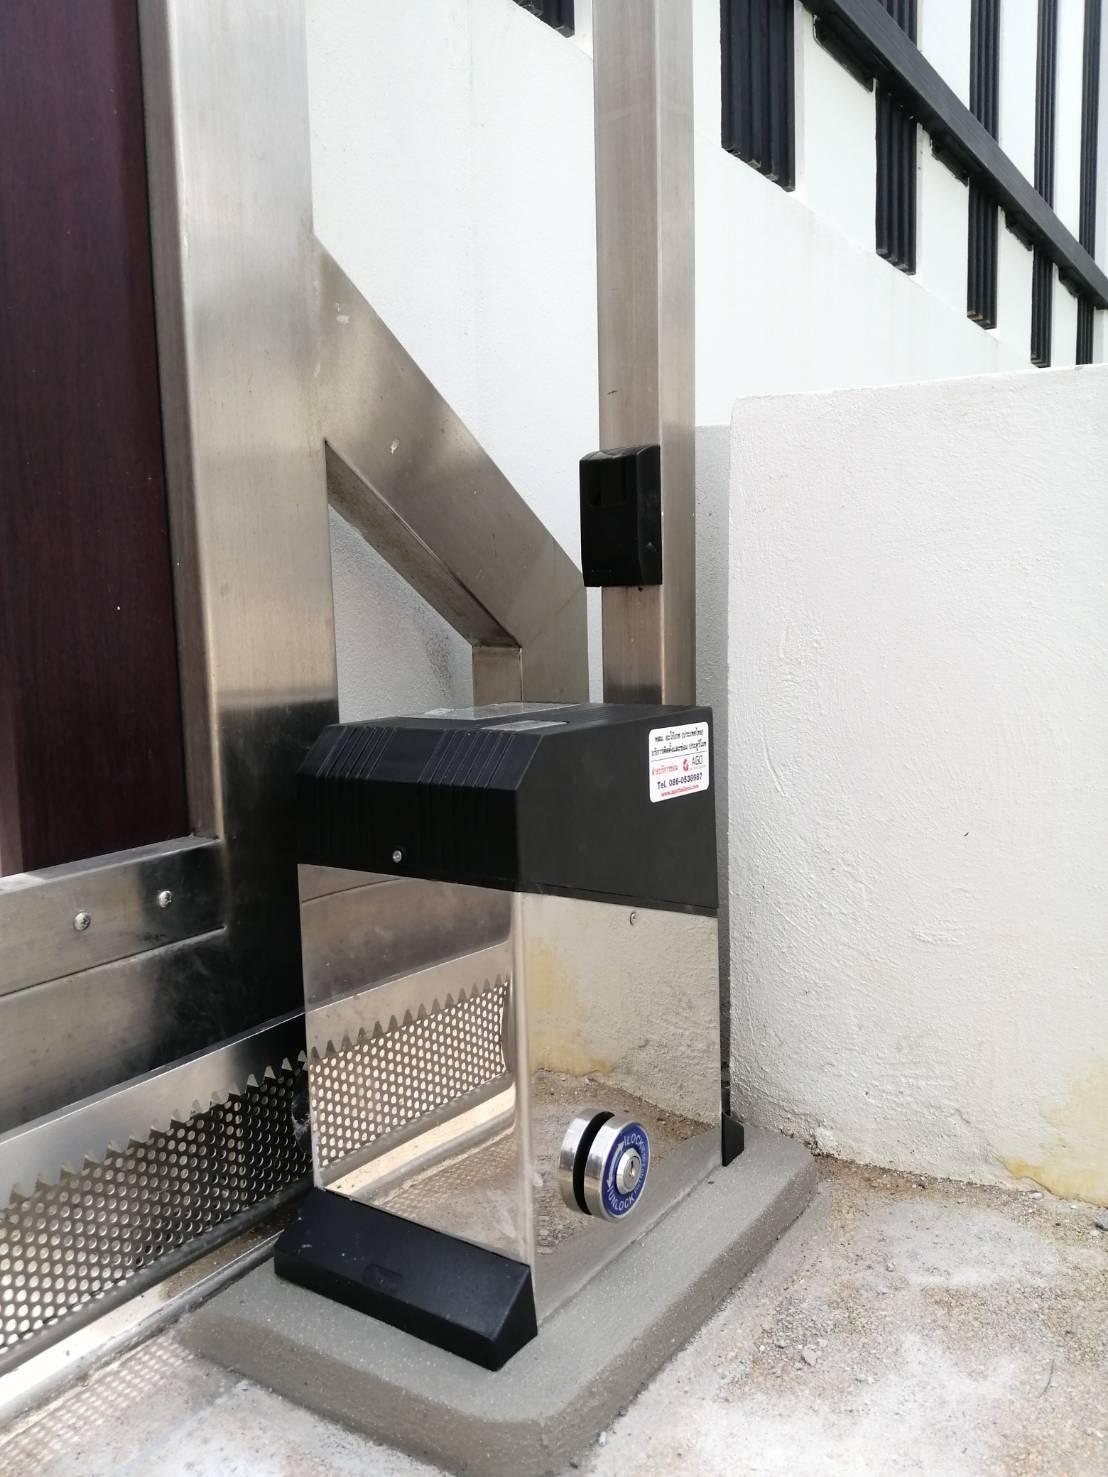 ประตูรีโมท-agothailand-our-work-รูปหน้างานติดตั้ง-02